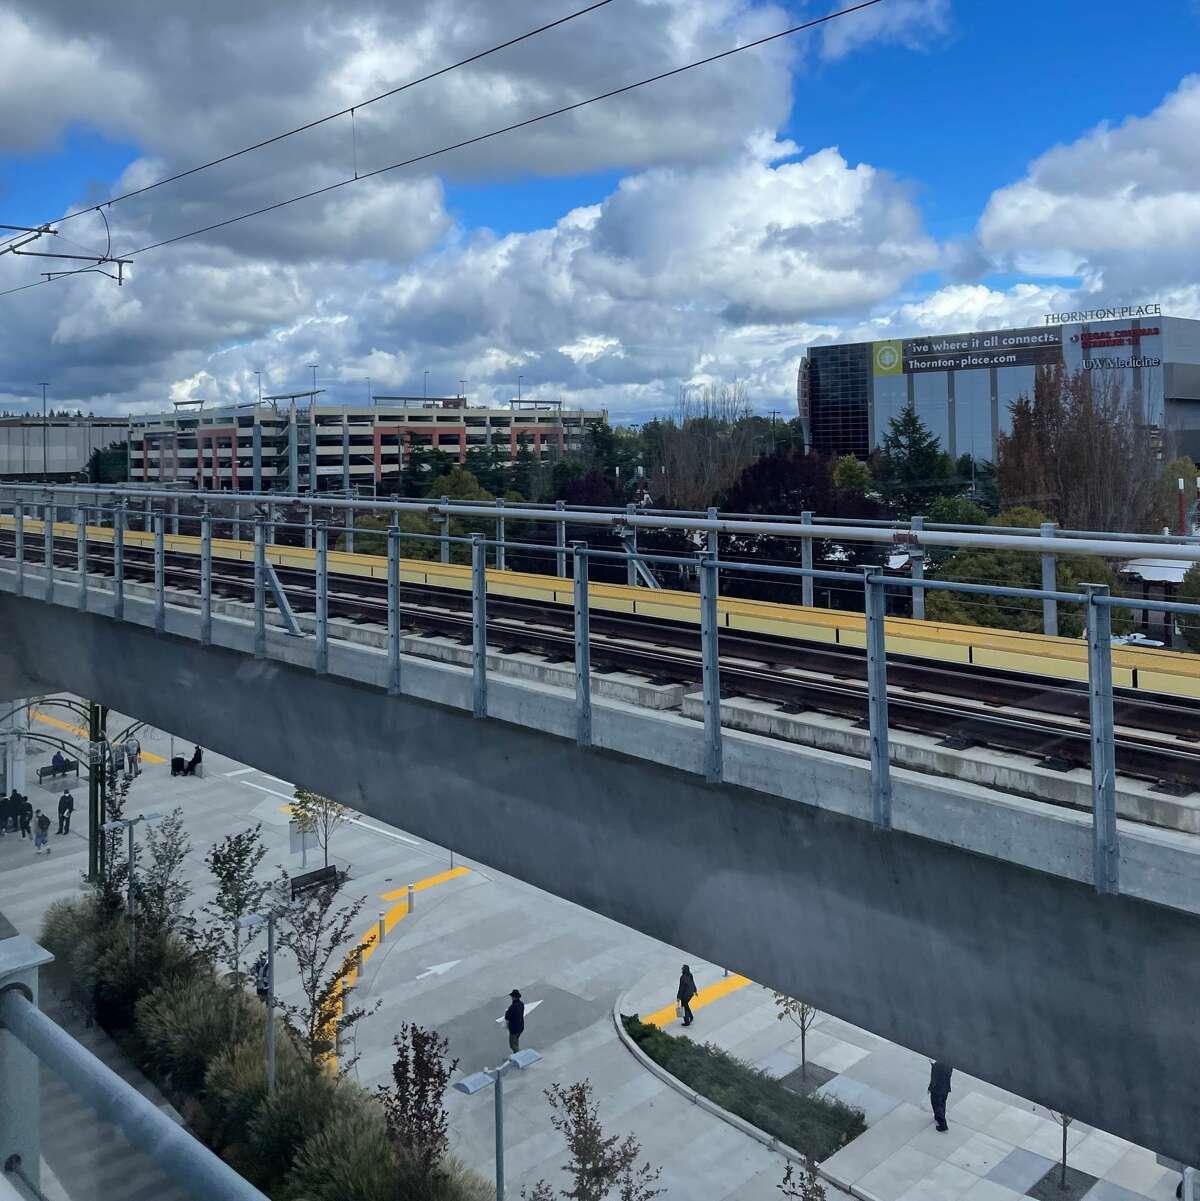 Platform at the Northgate Station.